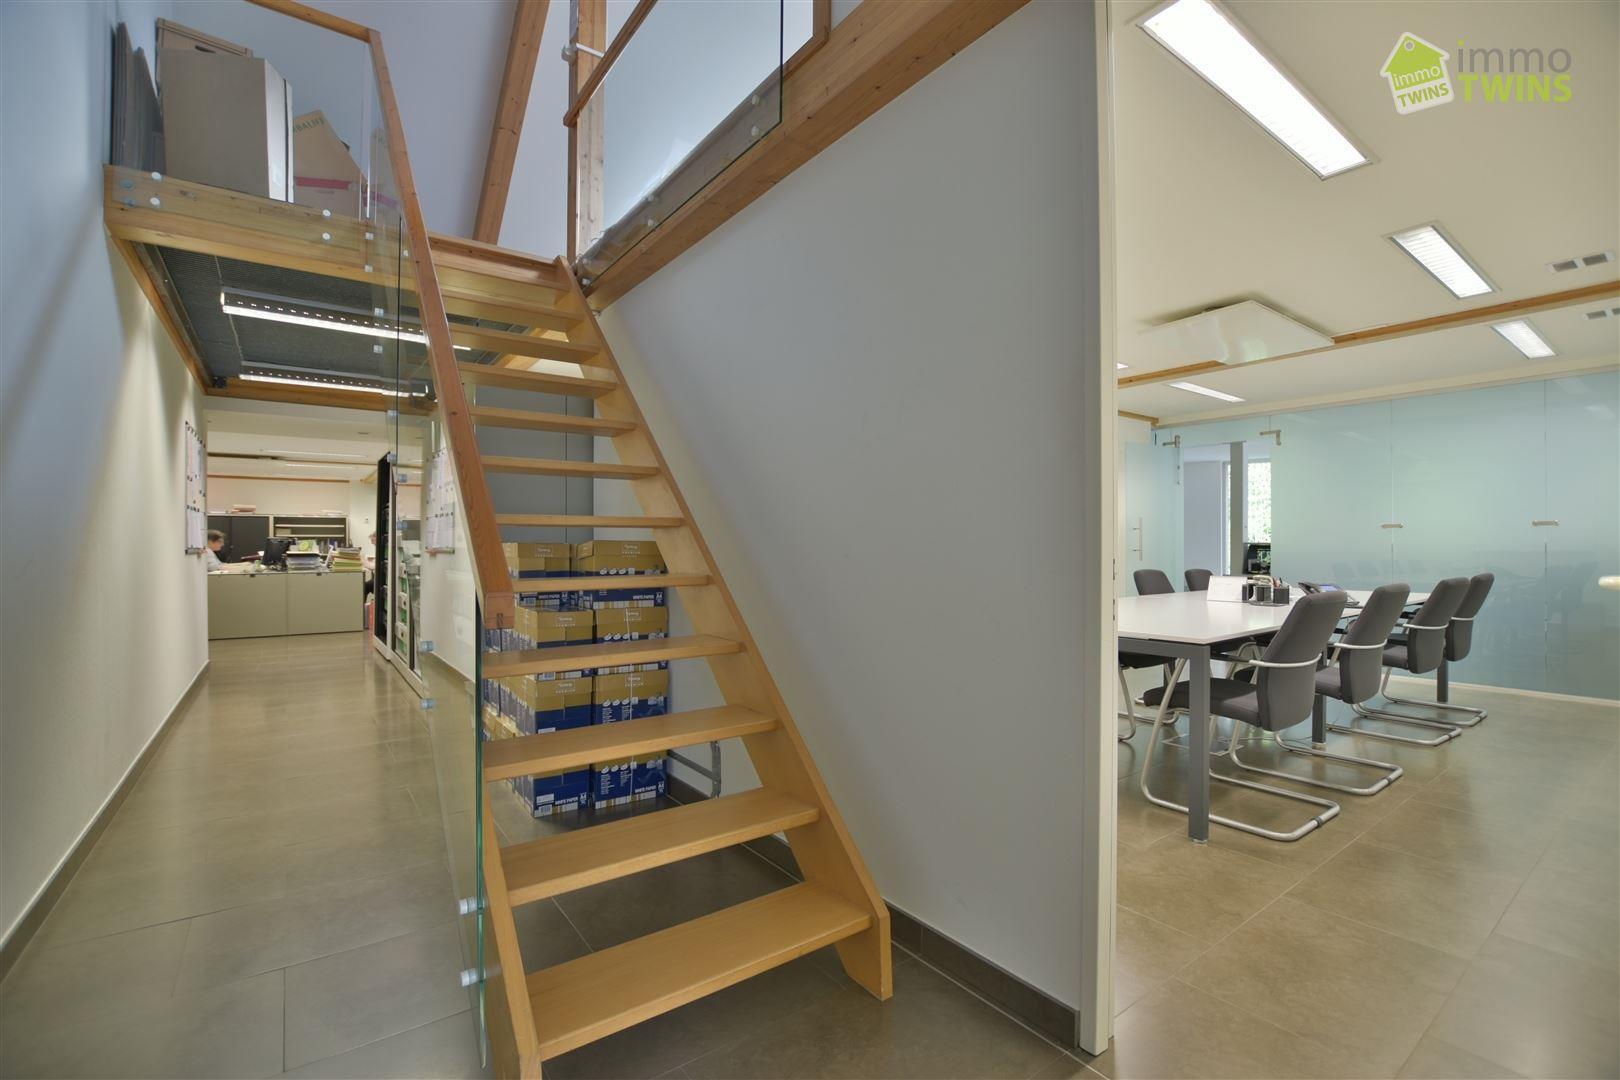 Foto 10 : Kantoorruimte te 9200 DENDERMONDE (België) - Prijs € 2.500